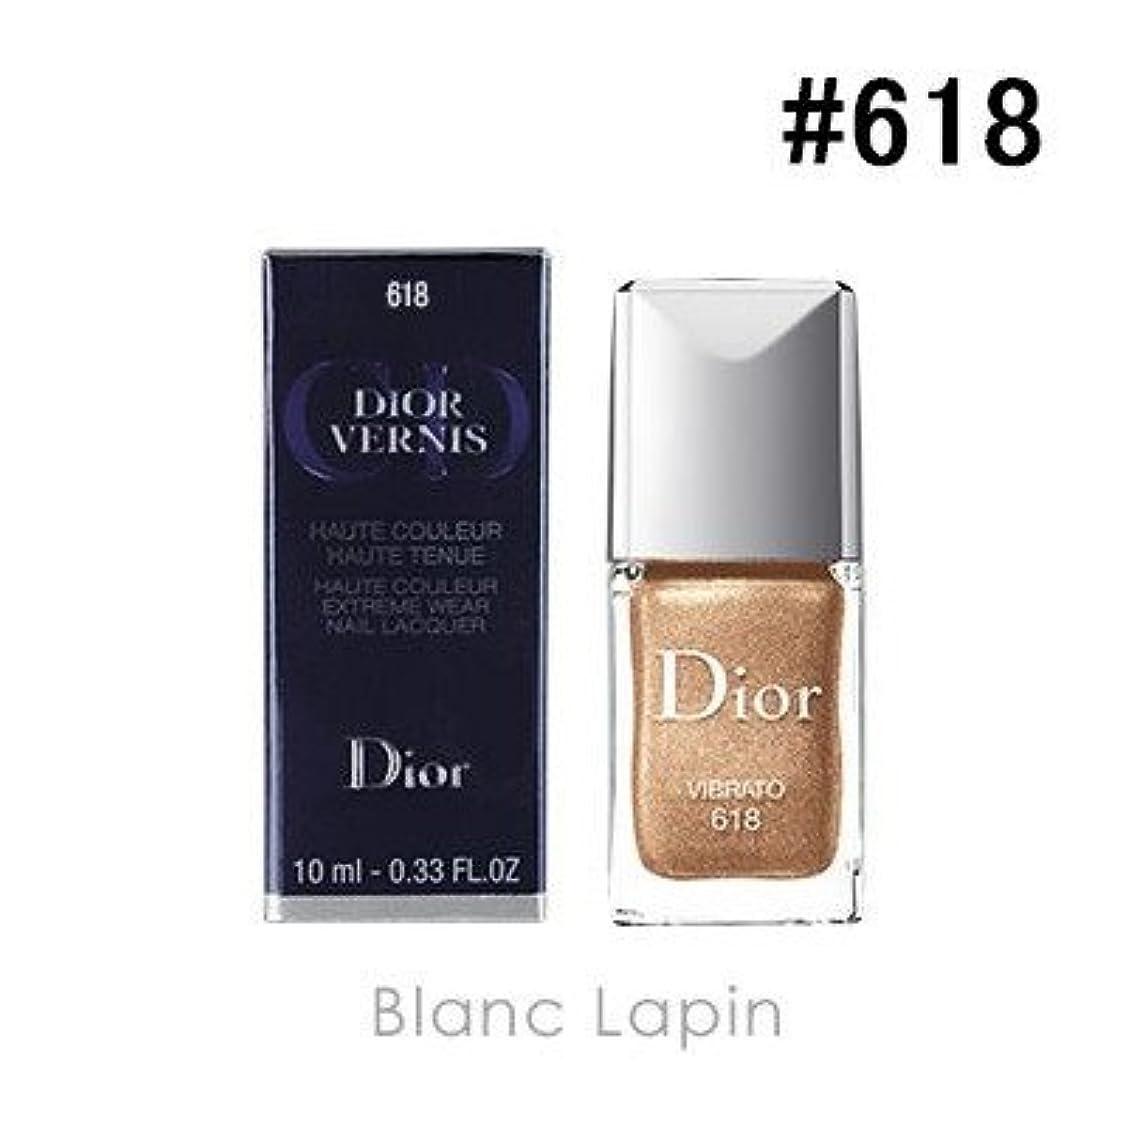 連続的午後信仰Dior ディオールヴェルニ #618 ビブラート 10ml [208208] [並行輸入品]